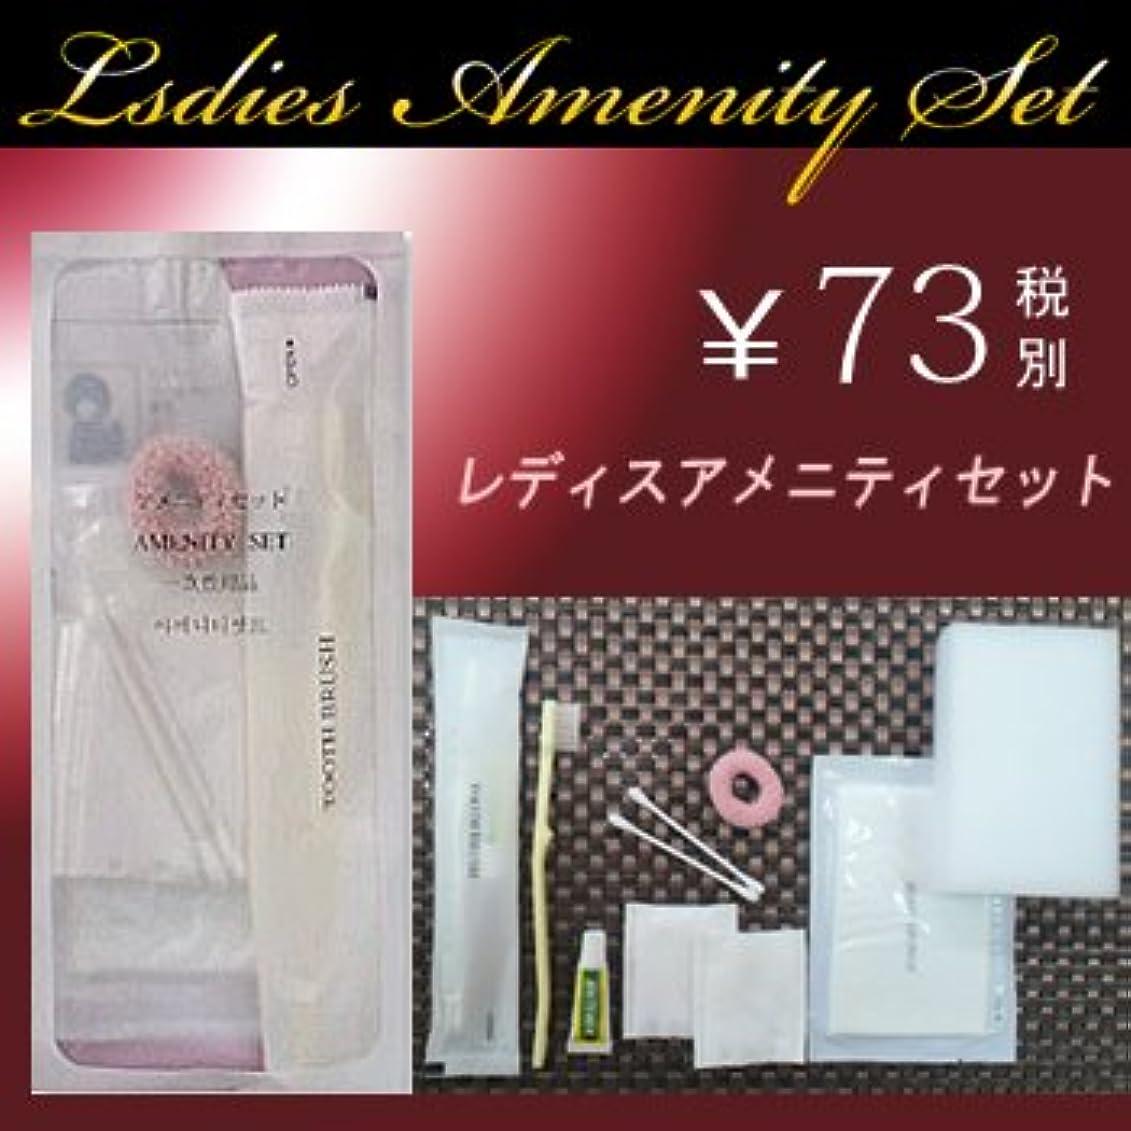 外出より良いバリケードレディスアメニティフルセット袋入(1セット300個入)